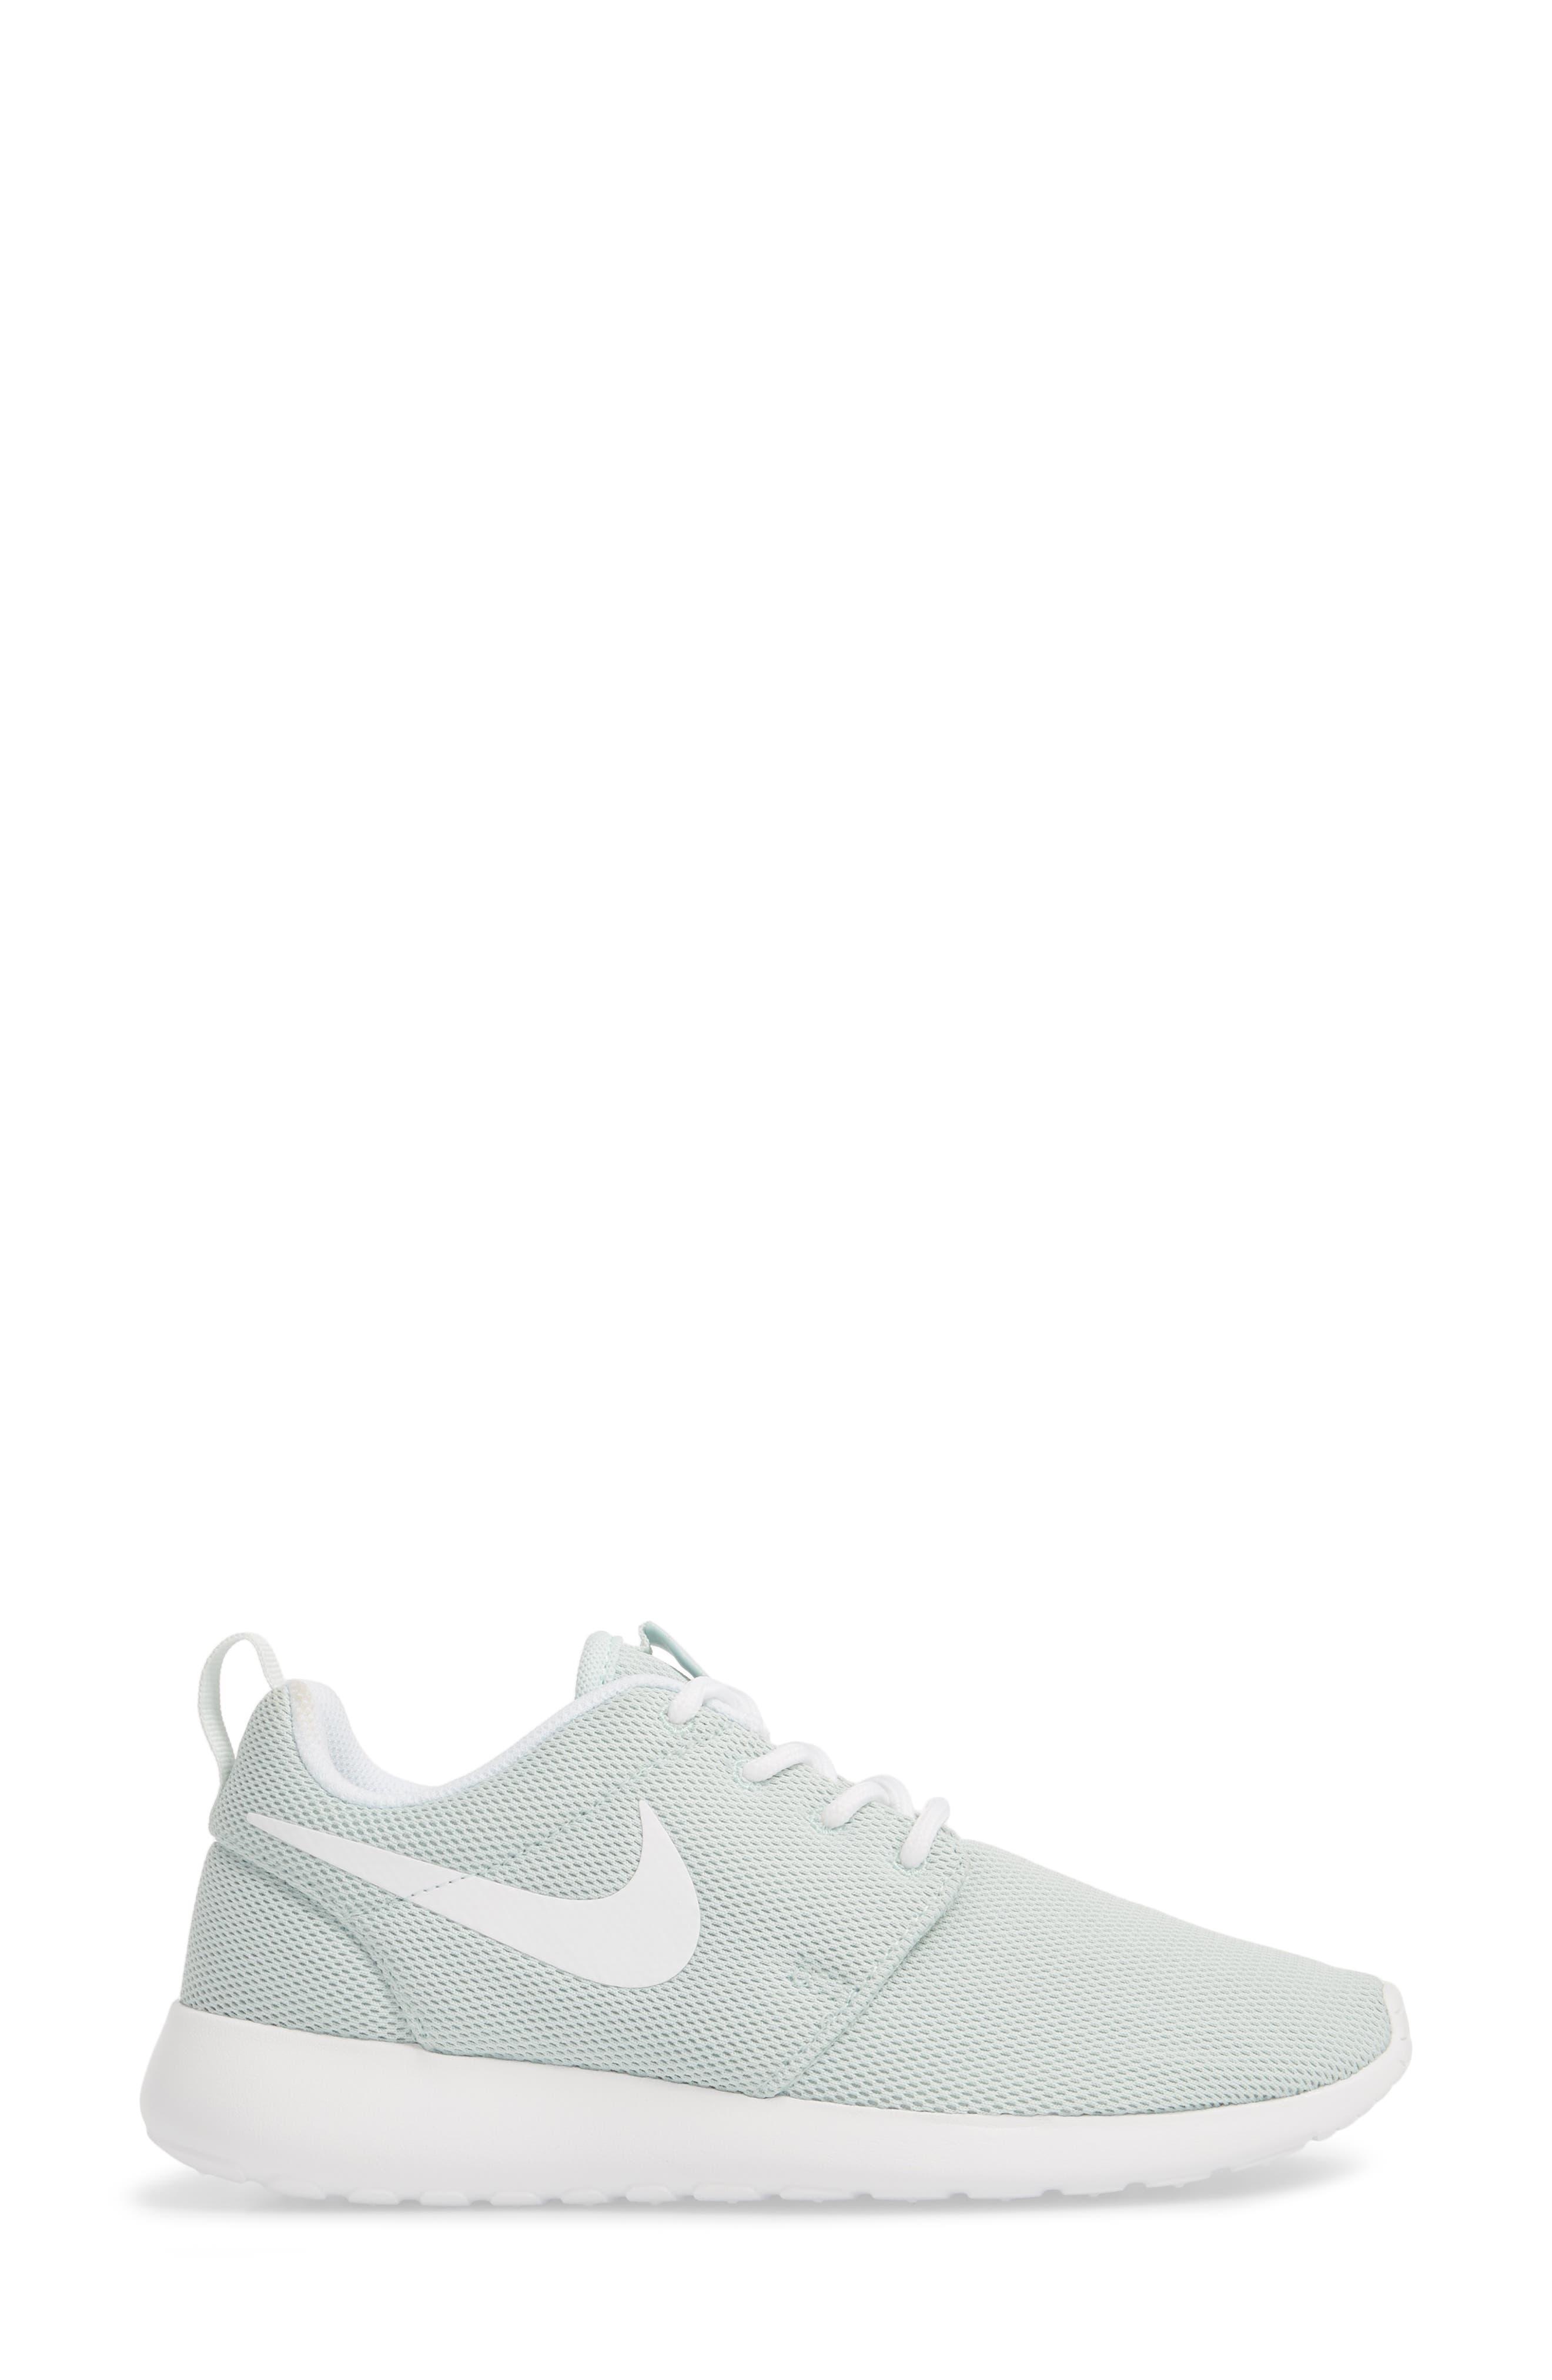 NIKE,                             'Roshe One' Sneaker,                             Alternate thumbnail 3, color,                             303